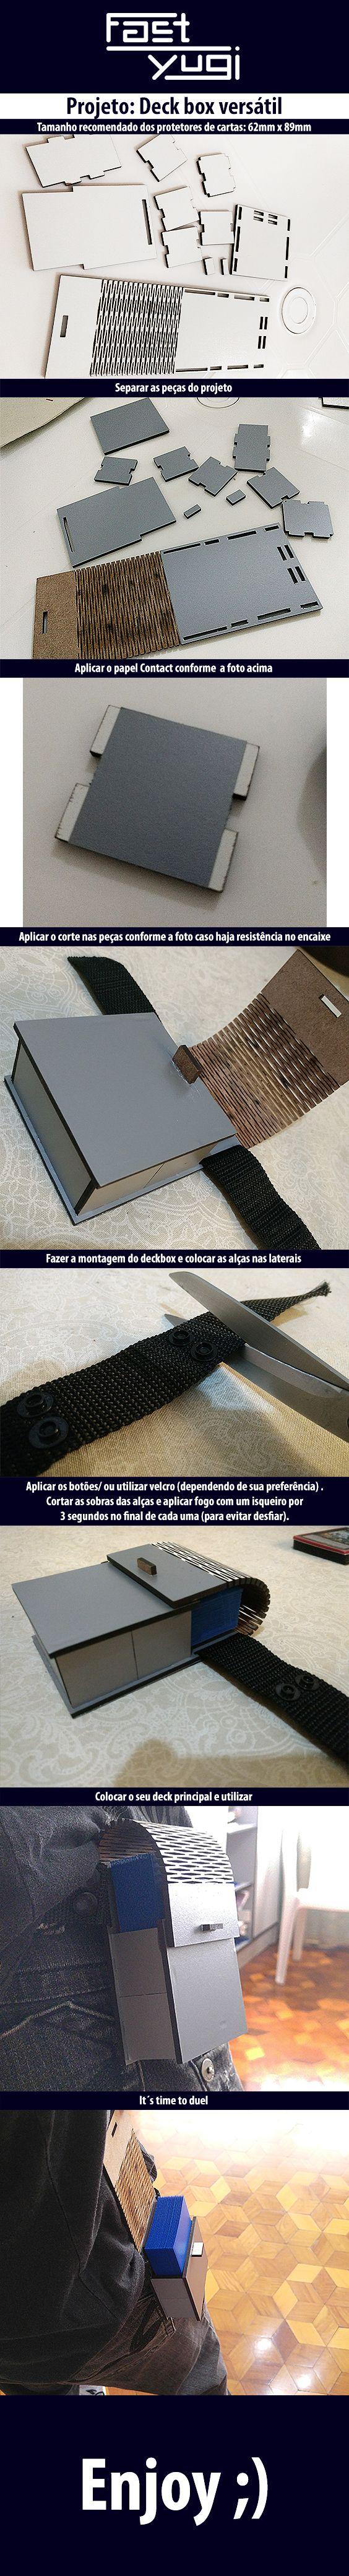 Deck-box para segurar o deck na cintura. Projeto MDF 3mm (1 lado branco o outro lado cru). Tamanho máximo dos protetores de carta: 62mm x 89mm. Download do Projeto - https://drive.google.com/open?id=1LRhShe3eVUeC-Pd0hBoVEN348r2HBbT4